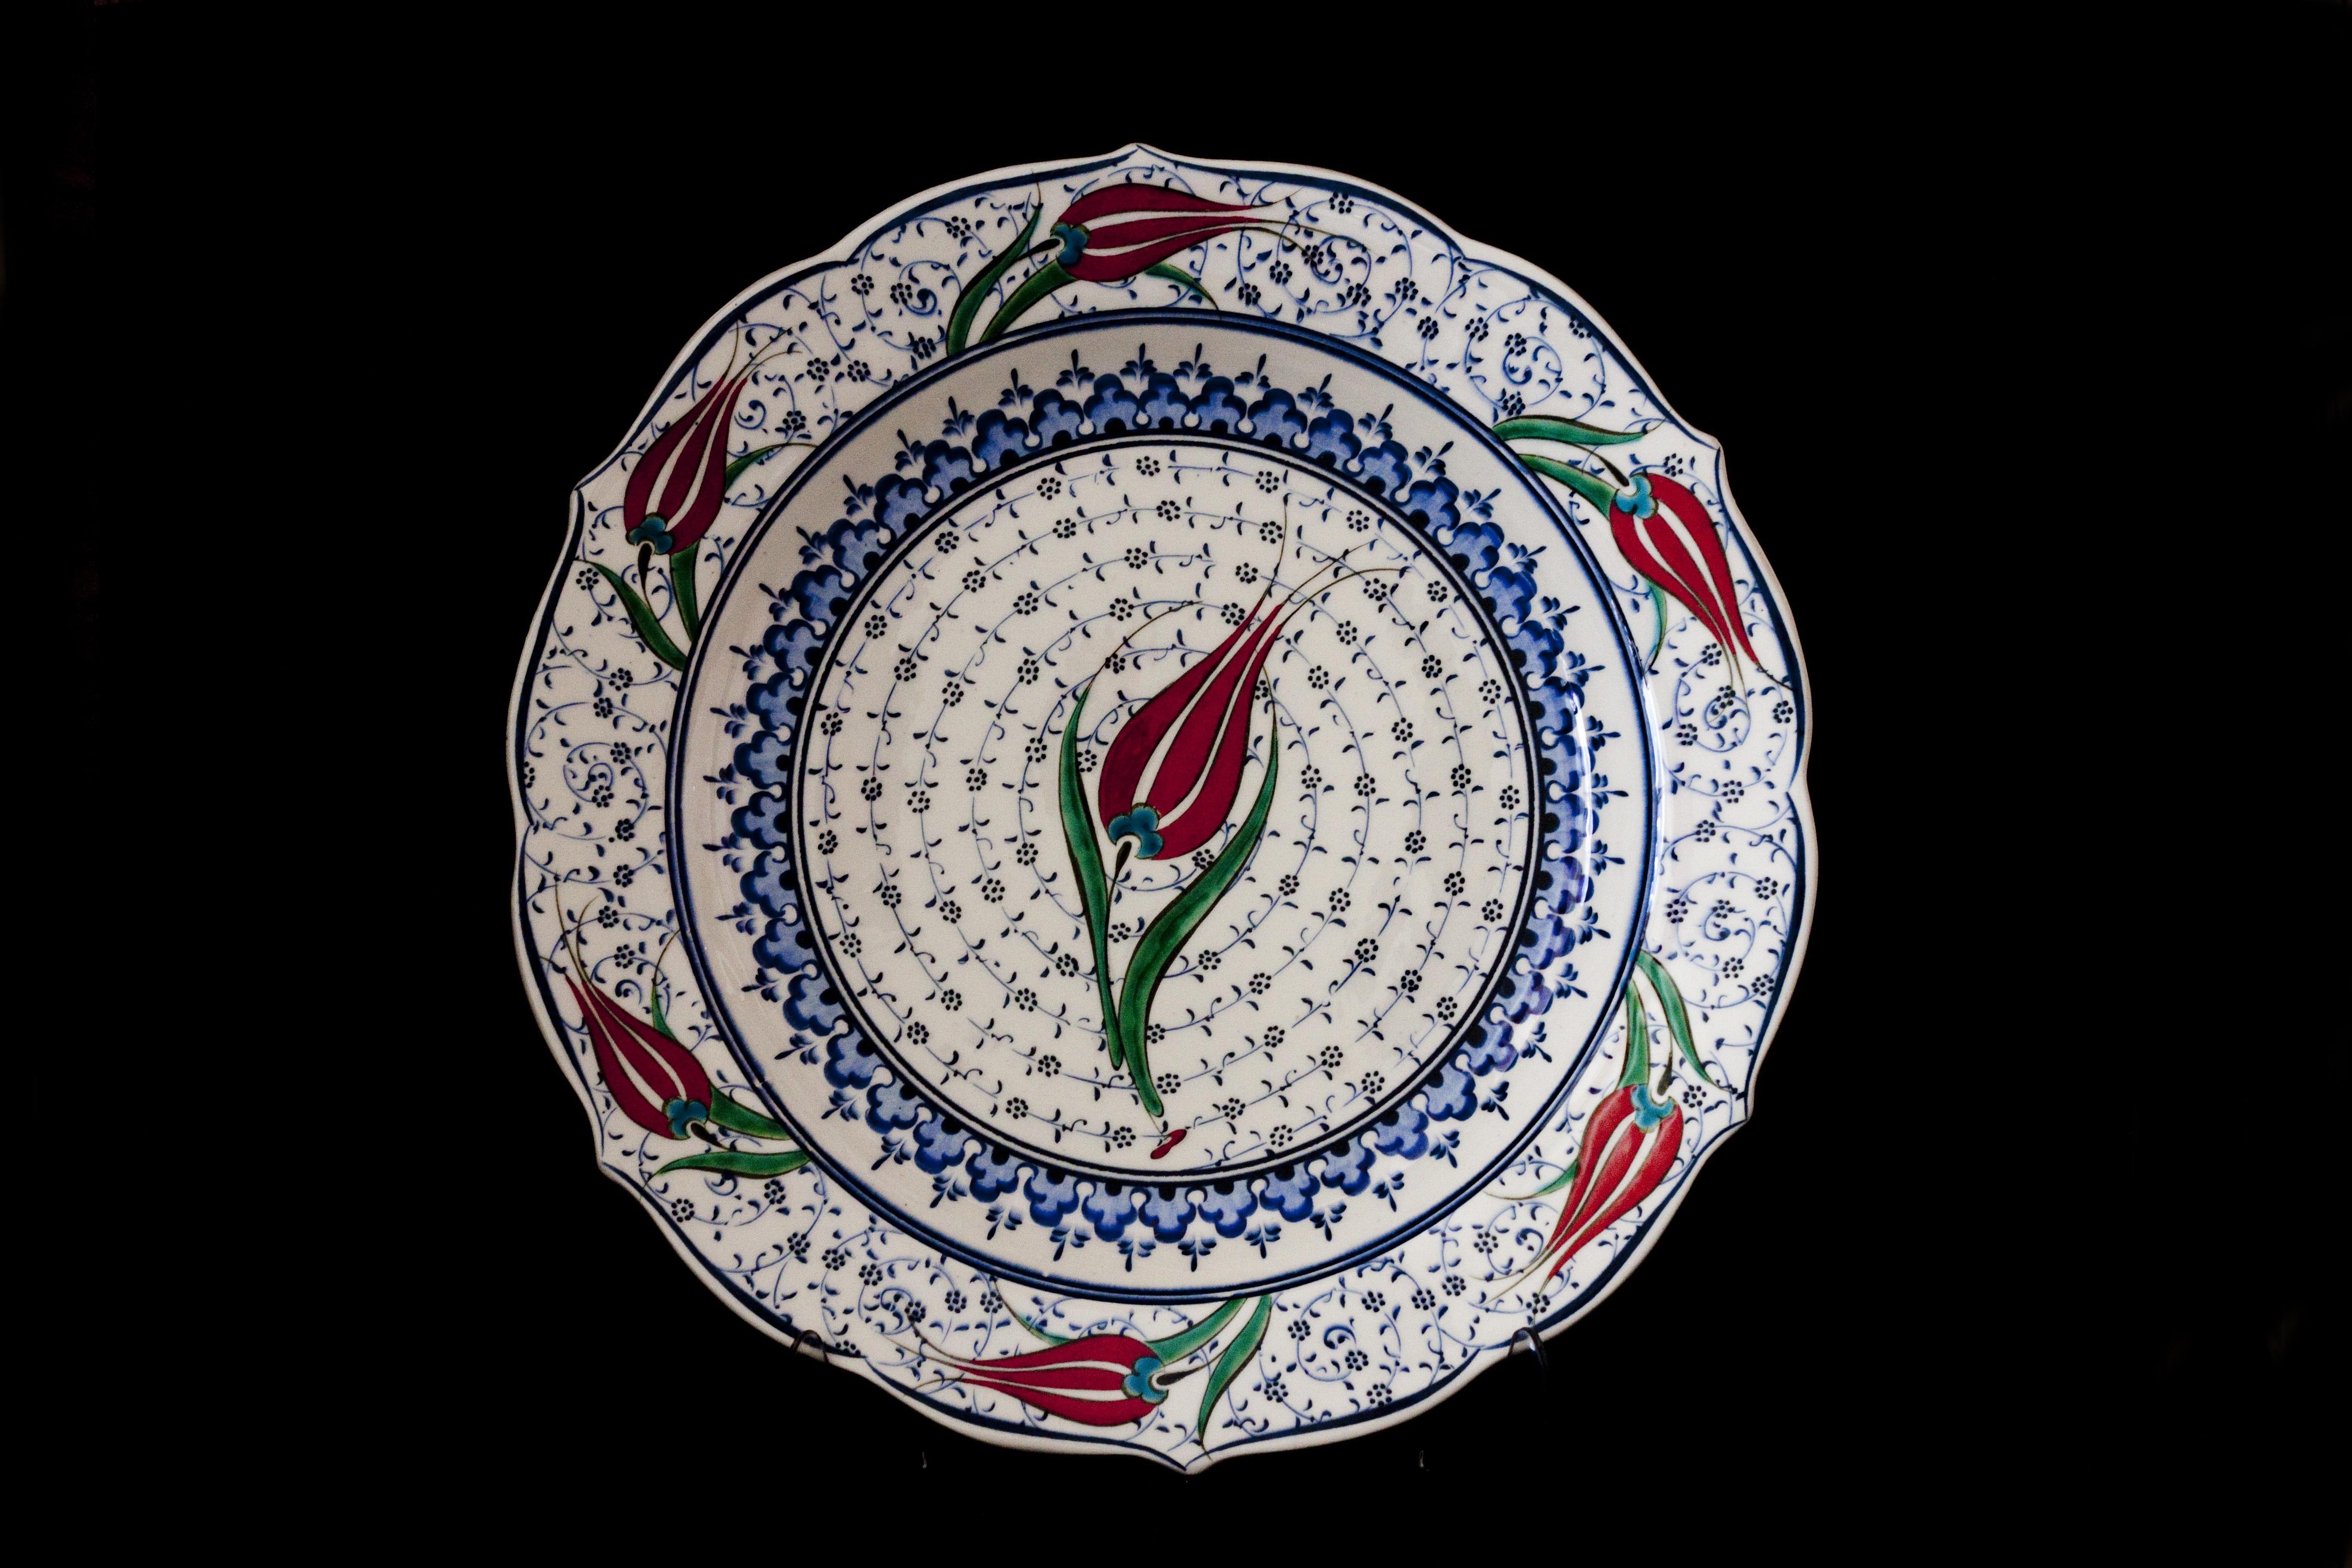 b4b6b68cbeee csészealj kerámiai lemez csempe teríték anyag kör termék betűtípus  Törökország porcelán tál kézműves megnövekedett étkészlet kék